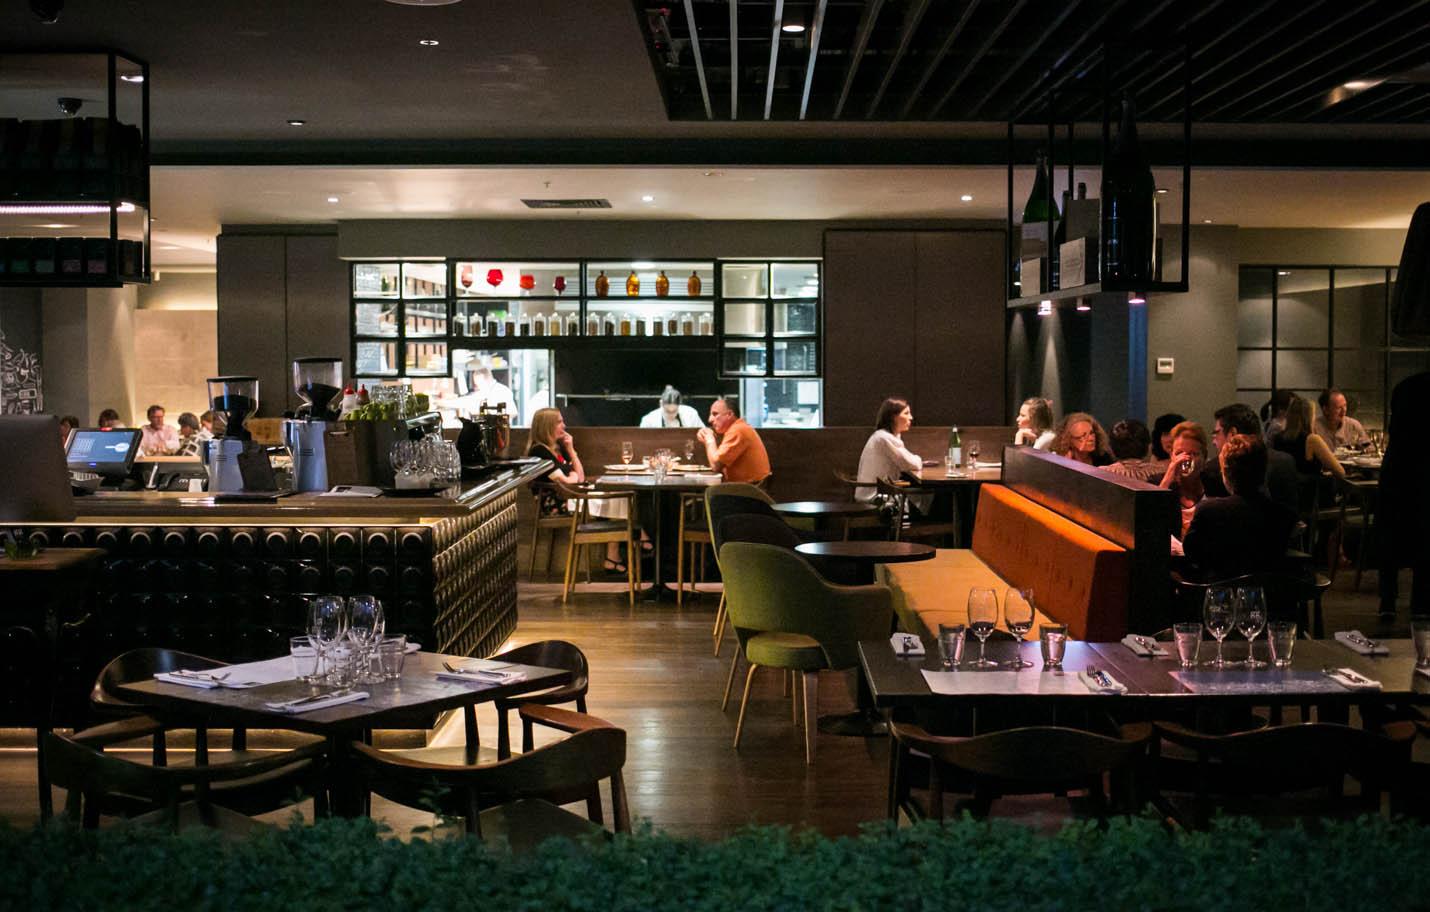 GG-Restaurant-East-Melbourne-9391.jpg